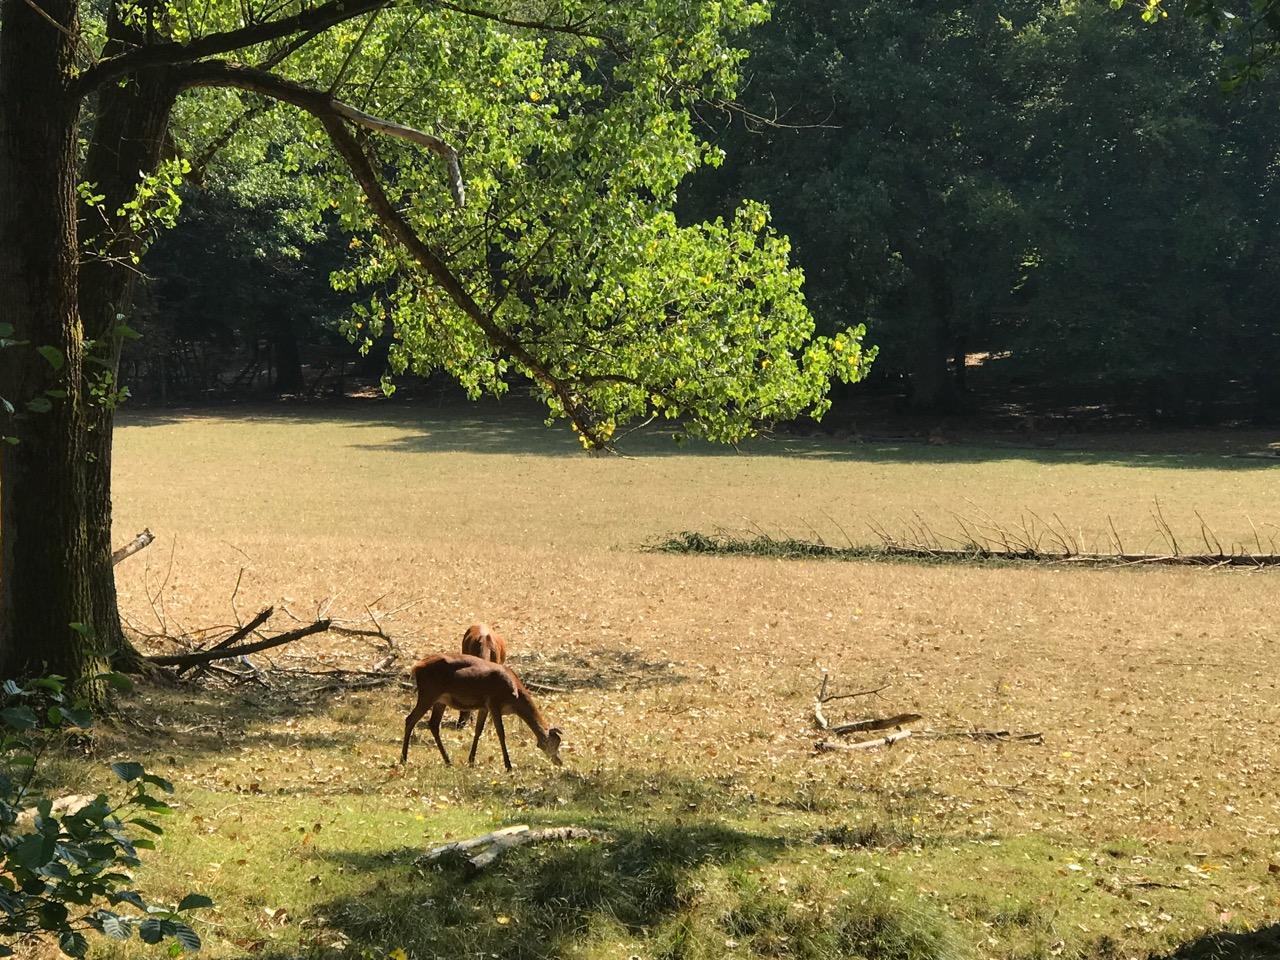 Wildwald Vosswinkel: Zwei Rehe unter Bäumen